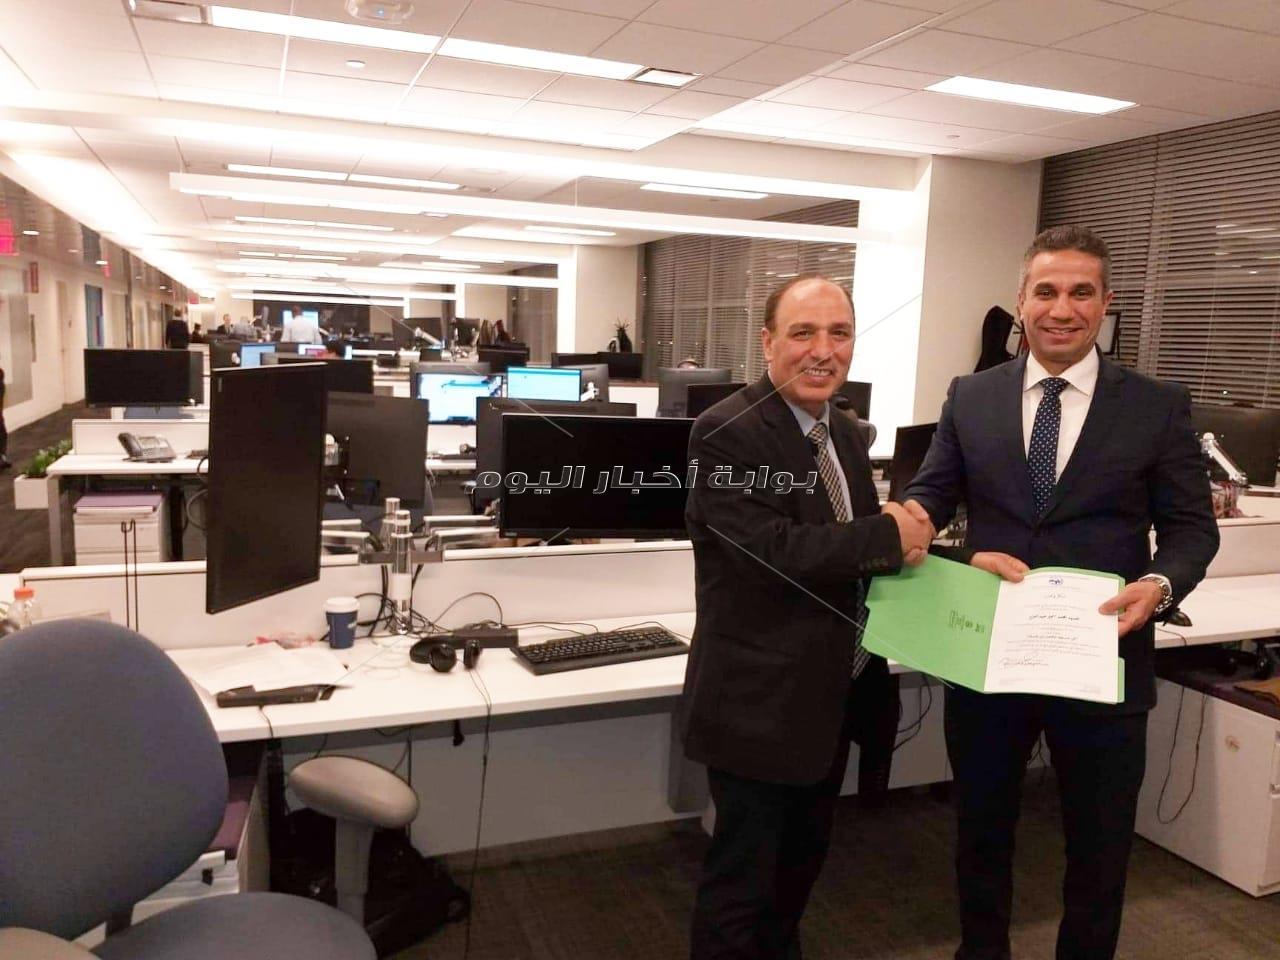 تكريم العميد محمد سمير والإعلامية إيمان أبوطالب بنيويورك